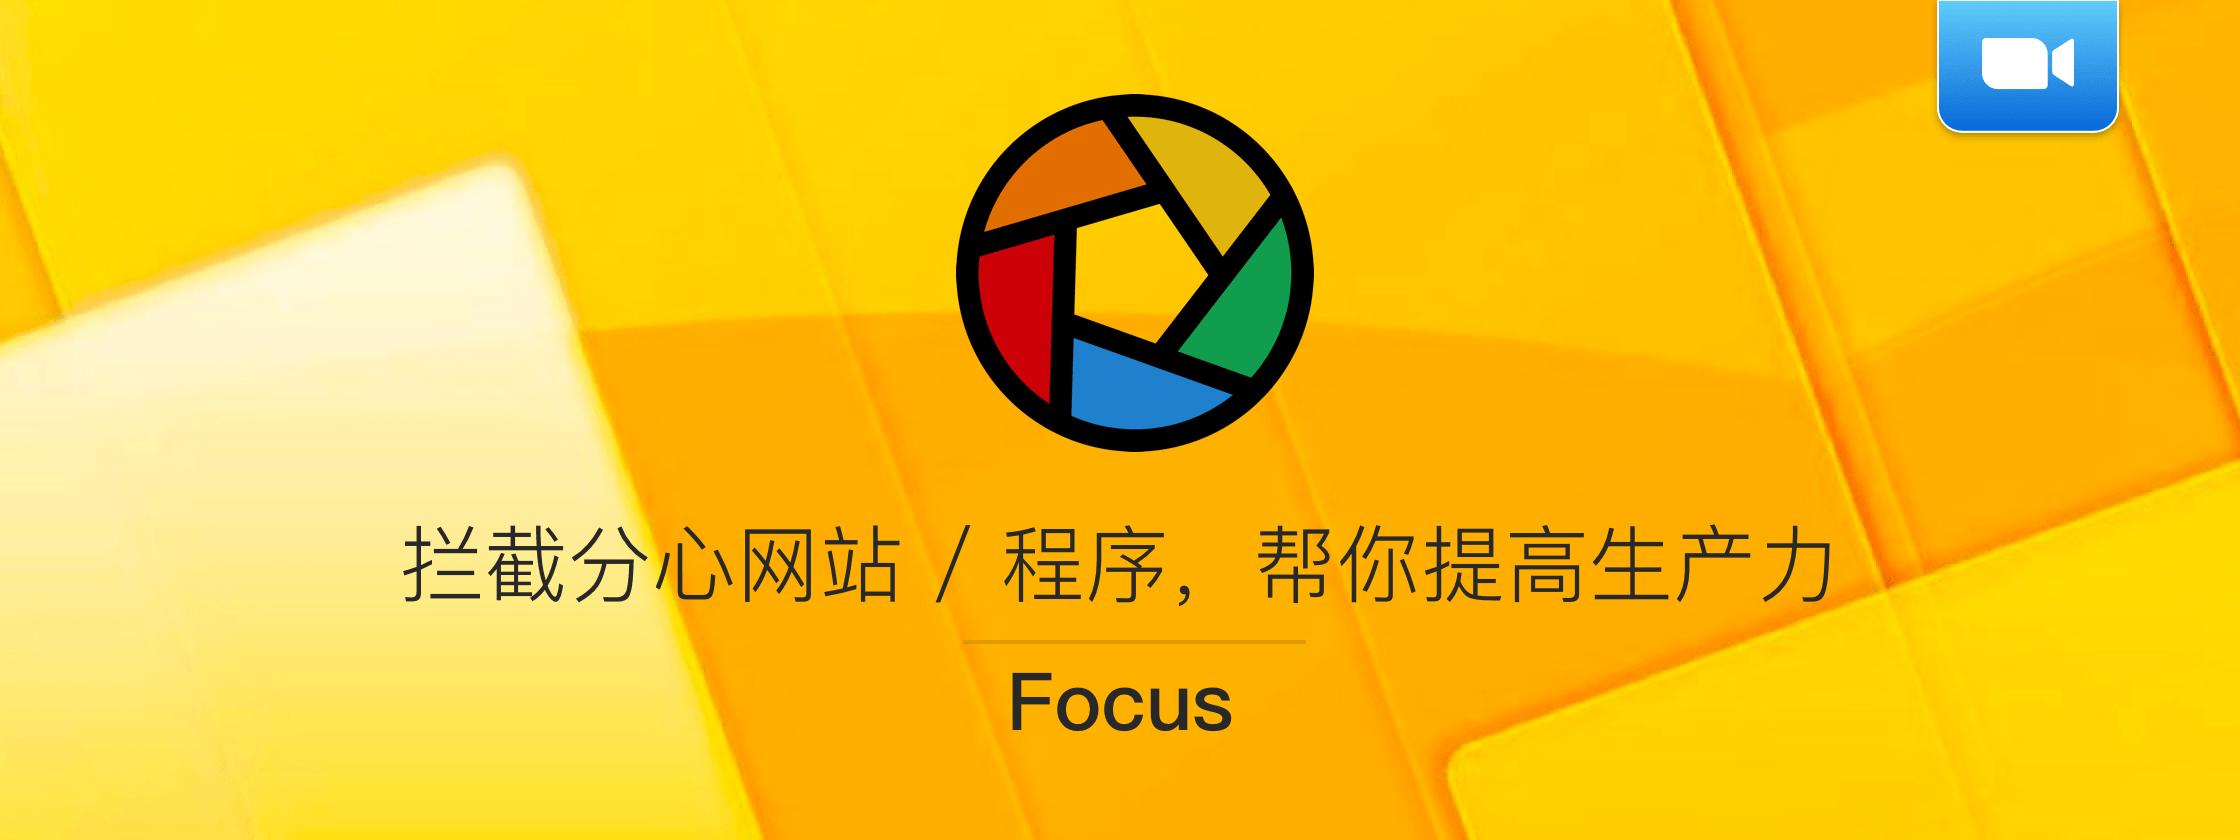 【视频】Focus,拦截分心网站和程序,帮你提高生产力